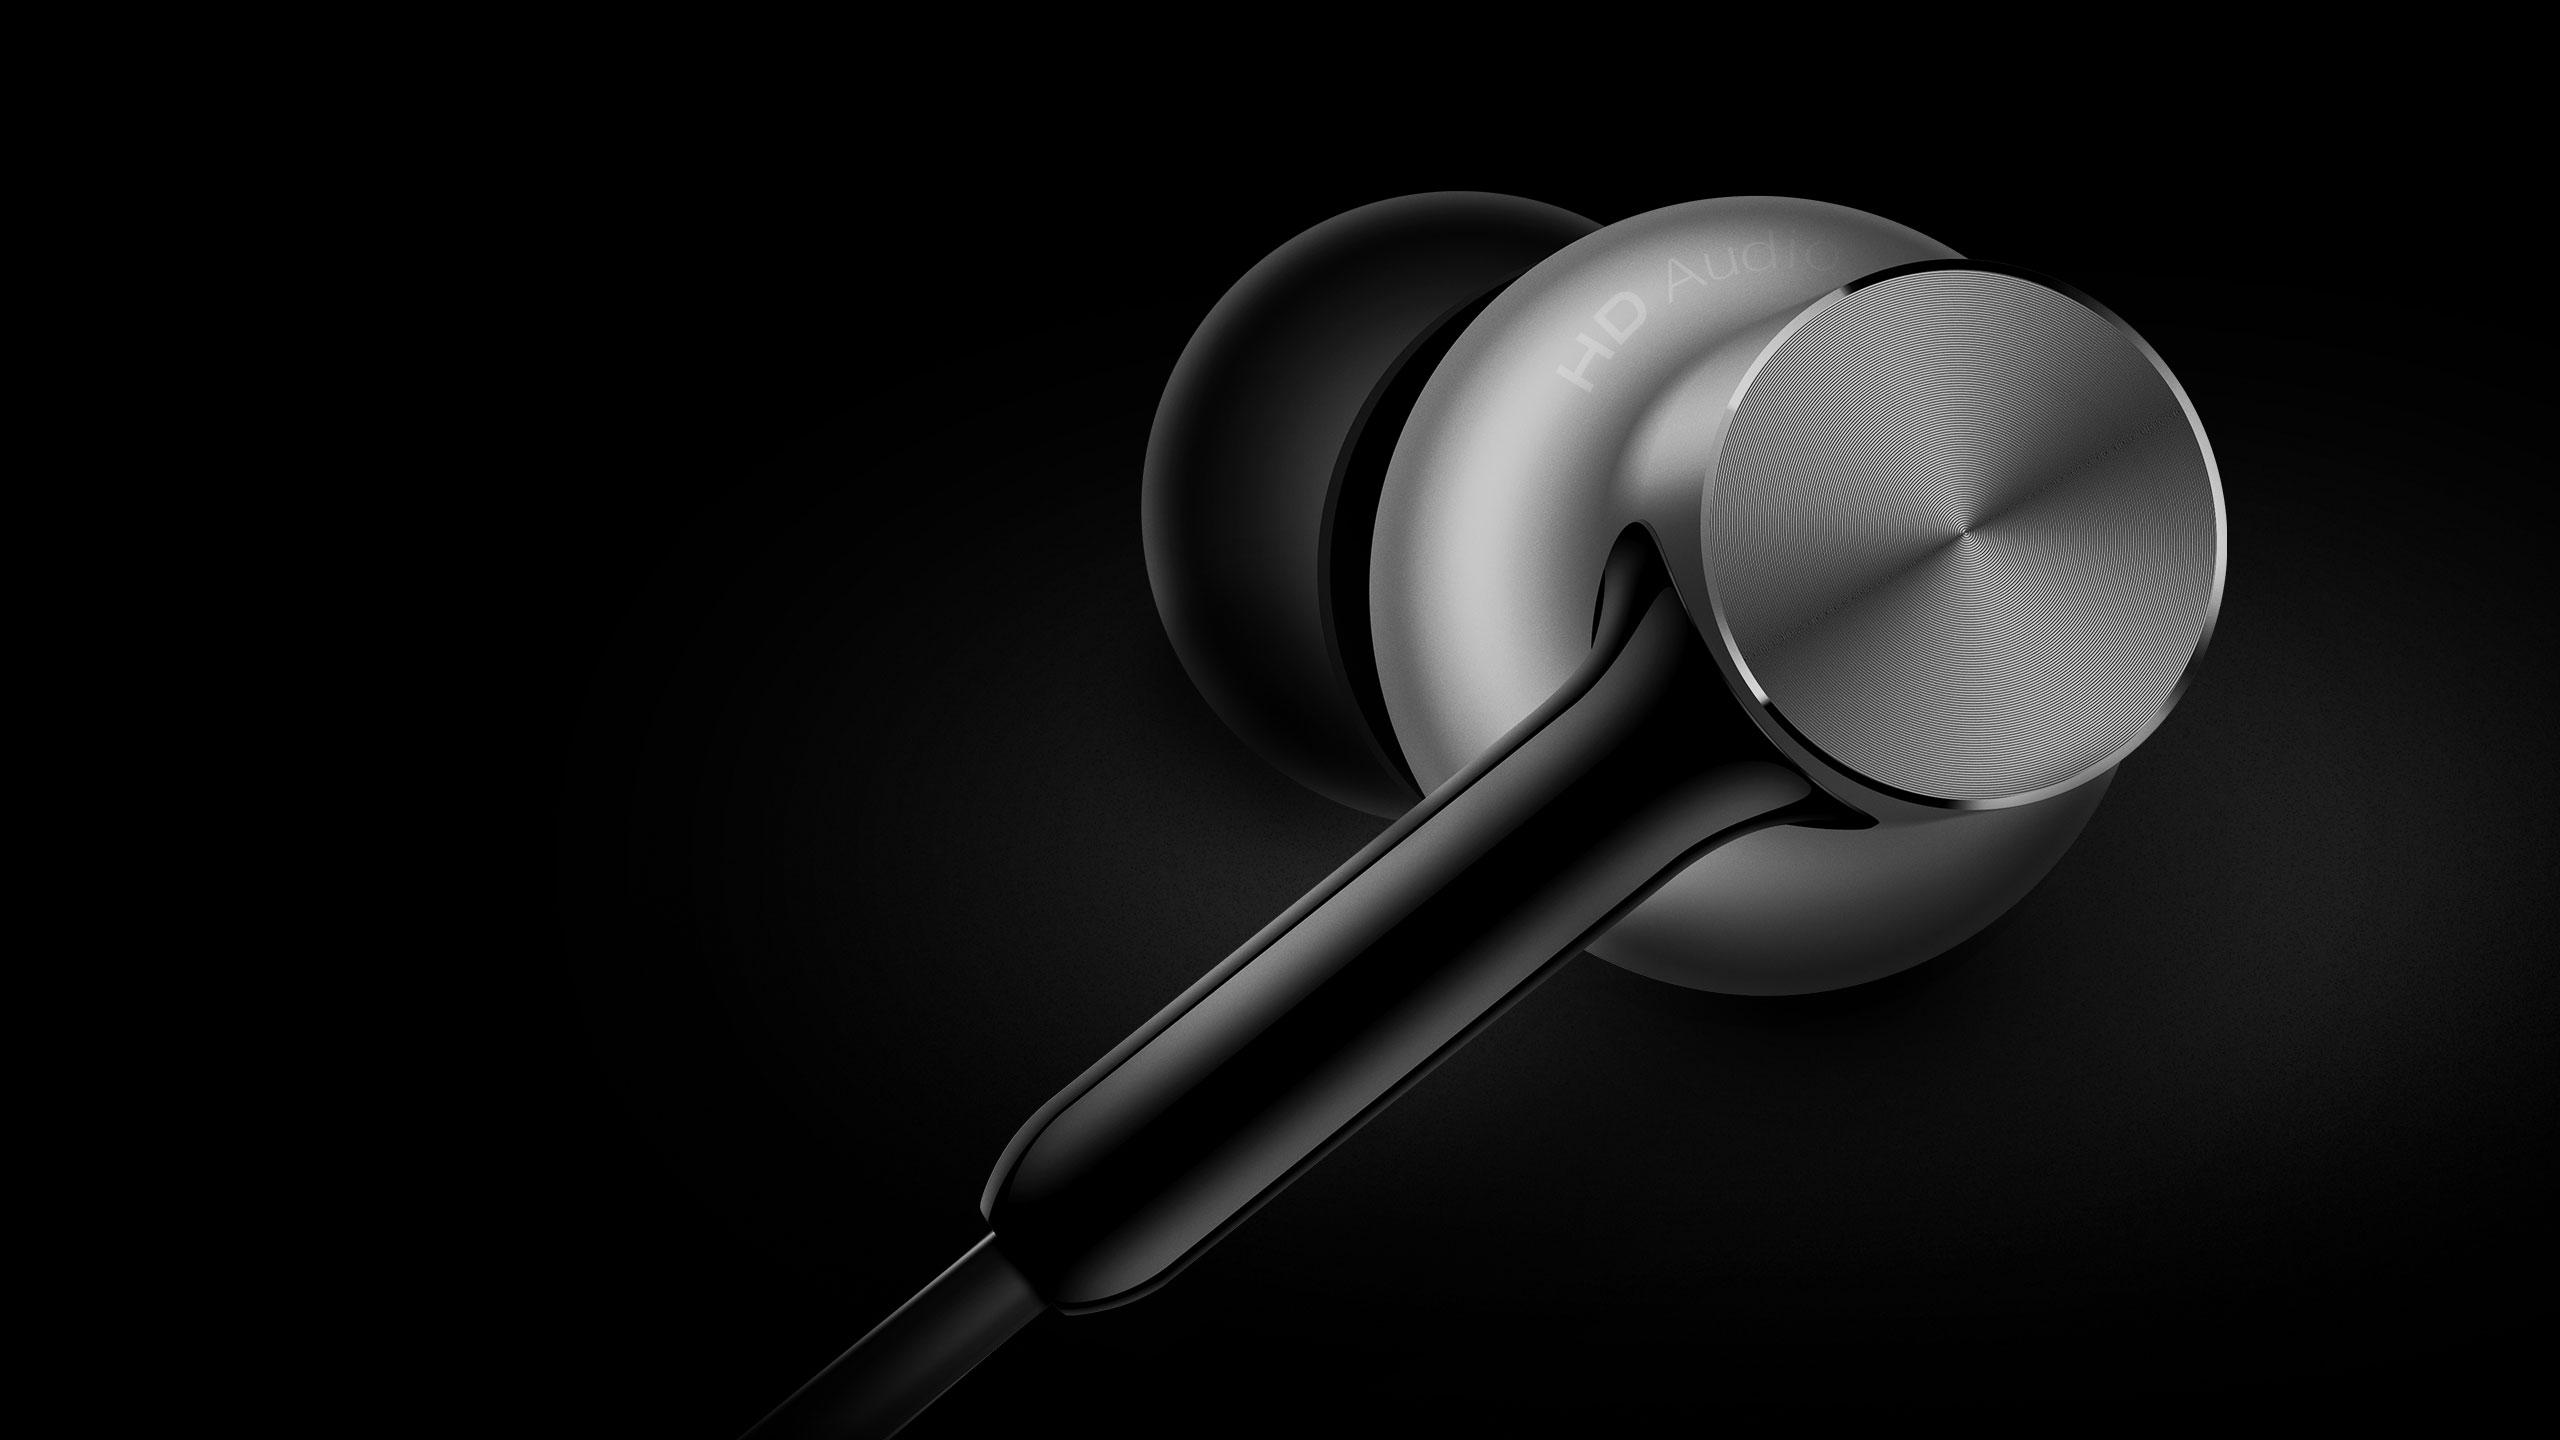 Tai Nghe Nhét Tai Xiaomi Headphones Pro HD QTEJ02JY - ZBW4369TY (Bạc) - Hàng Chính Hãng